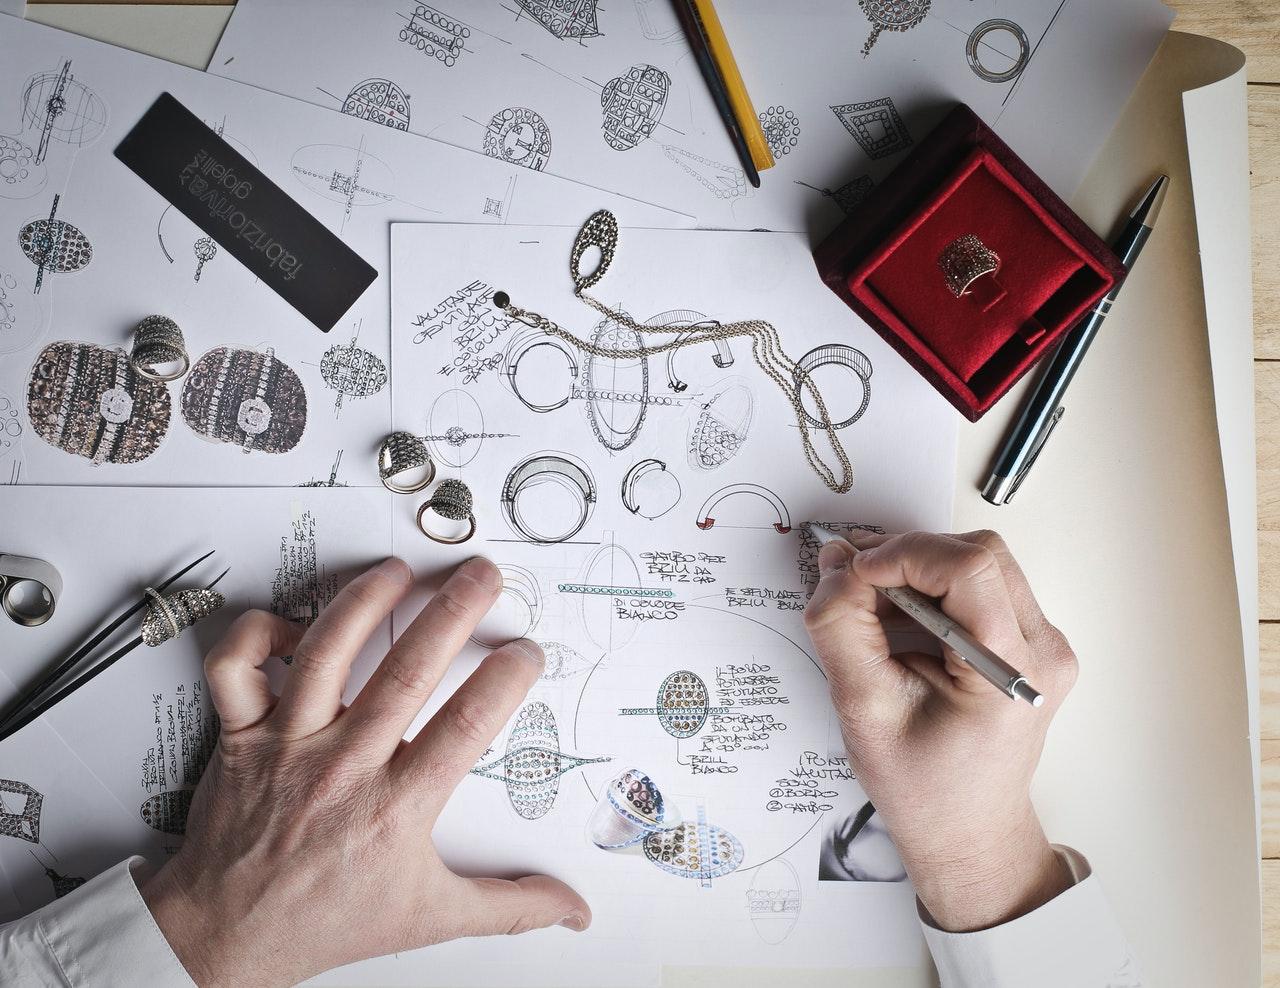 organizing business plan